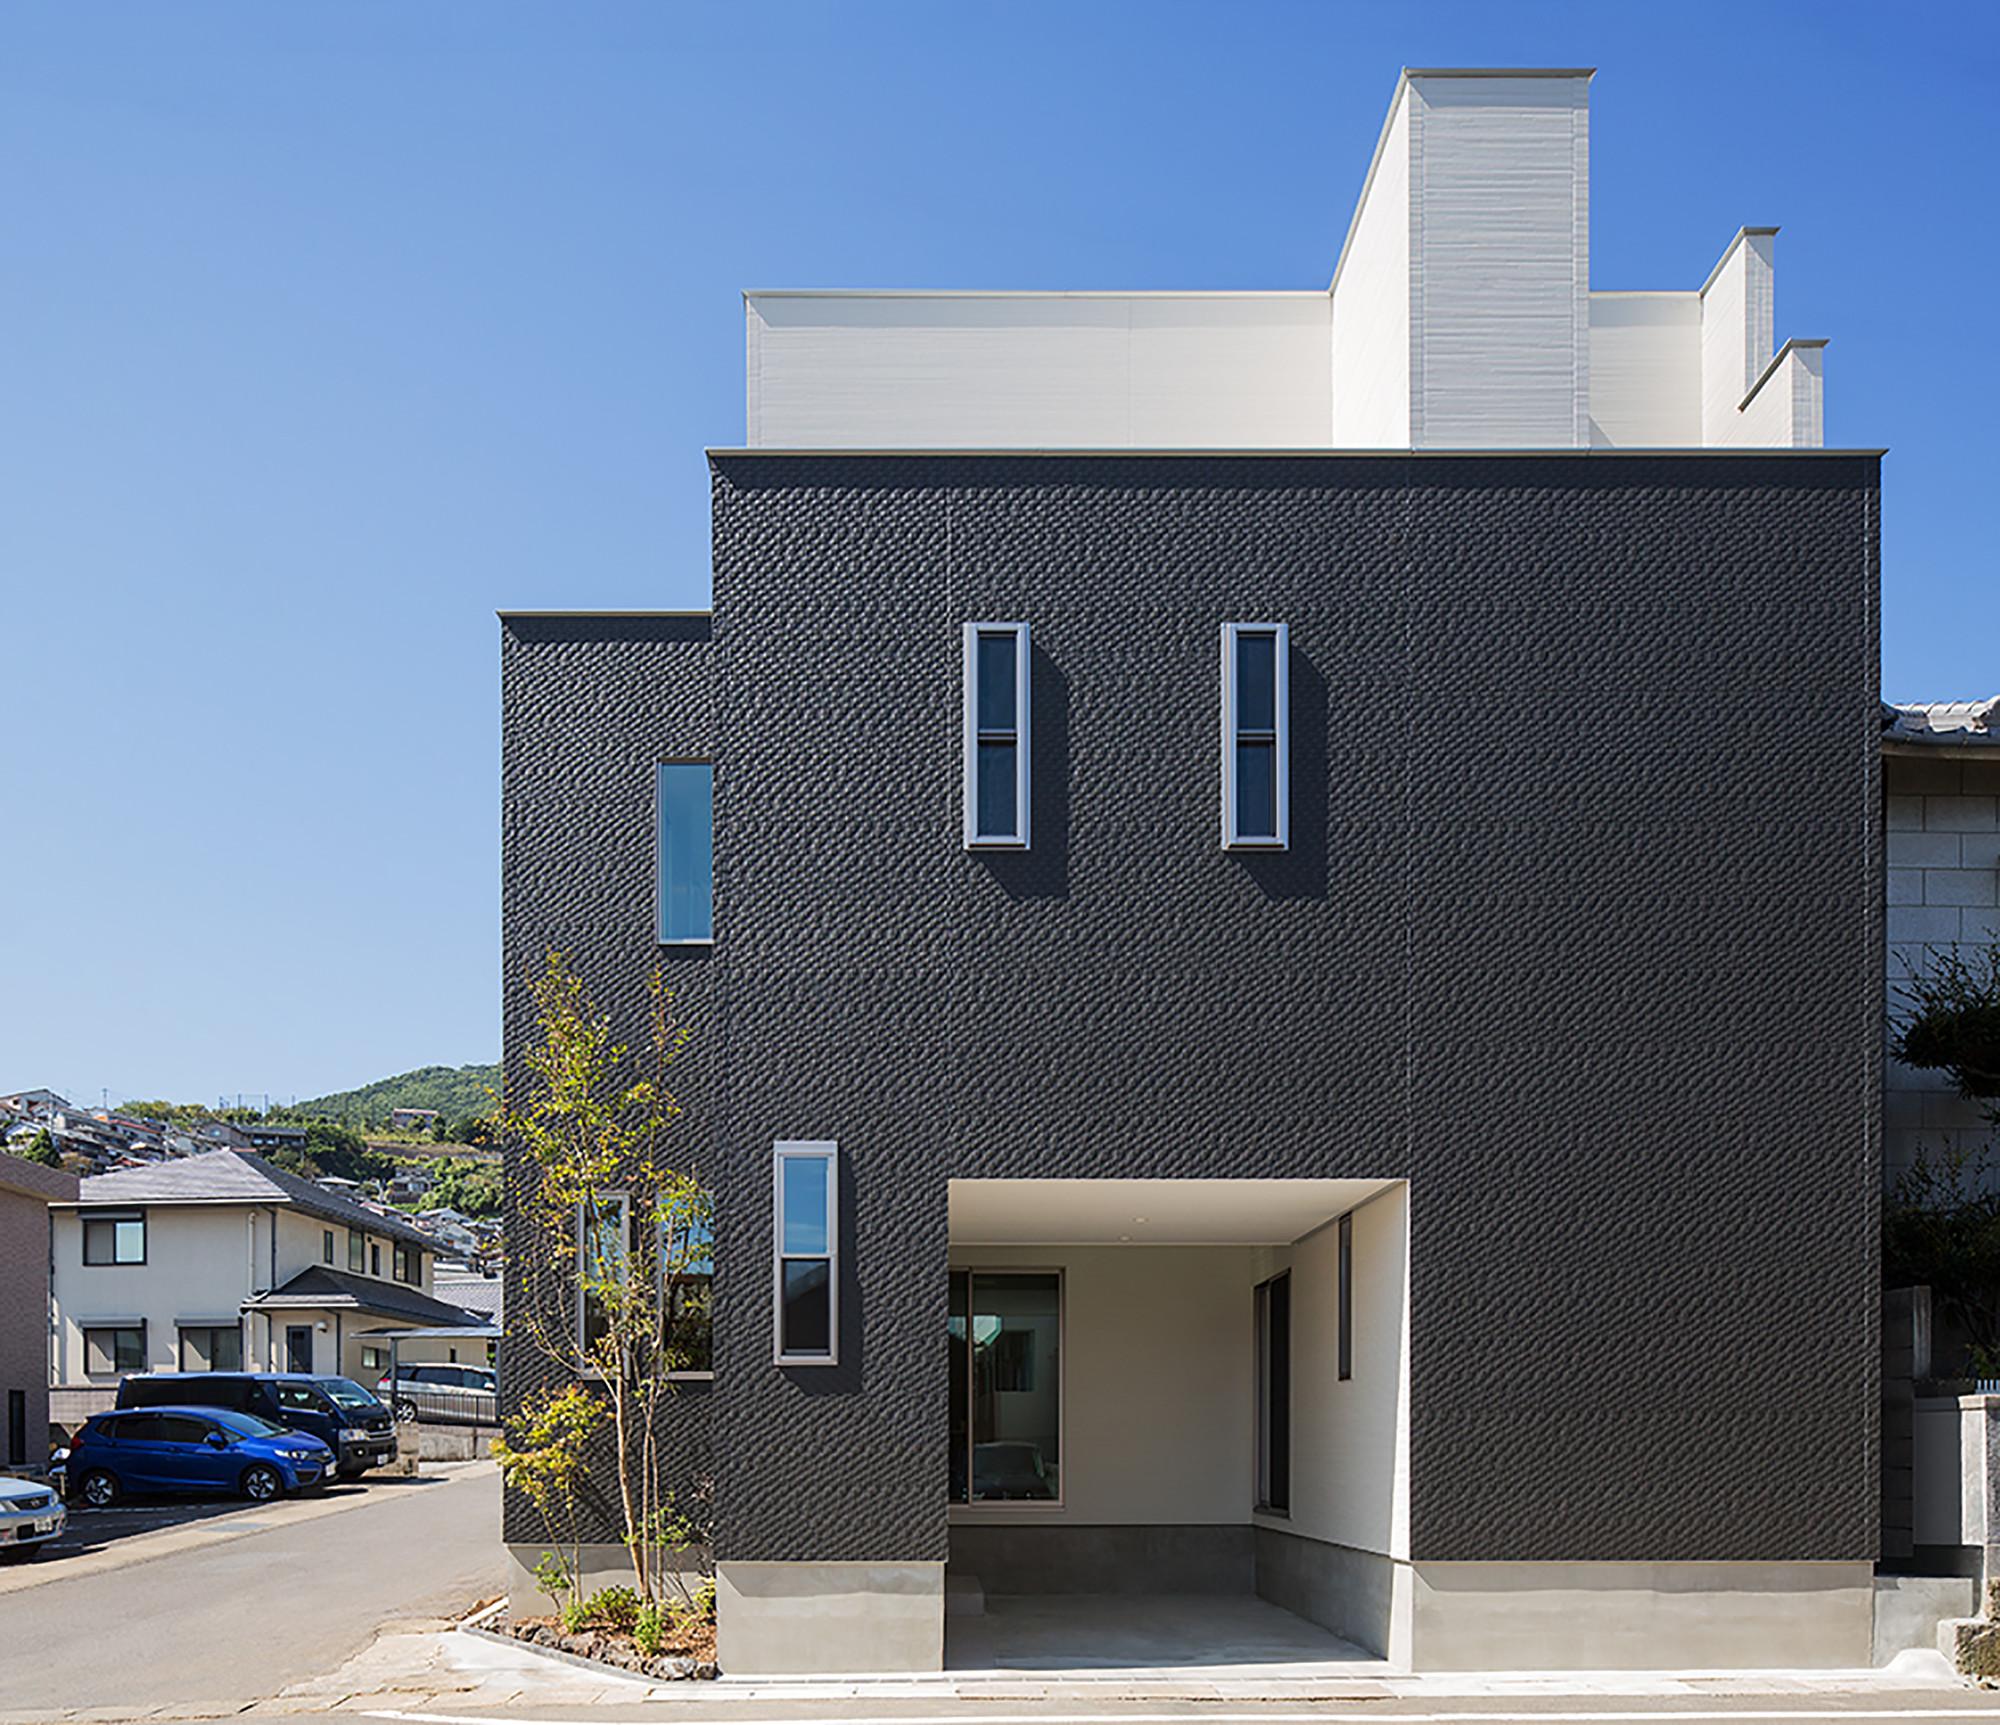 I2-house / Masahiko Sato, © Ishii Norihisa